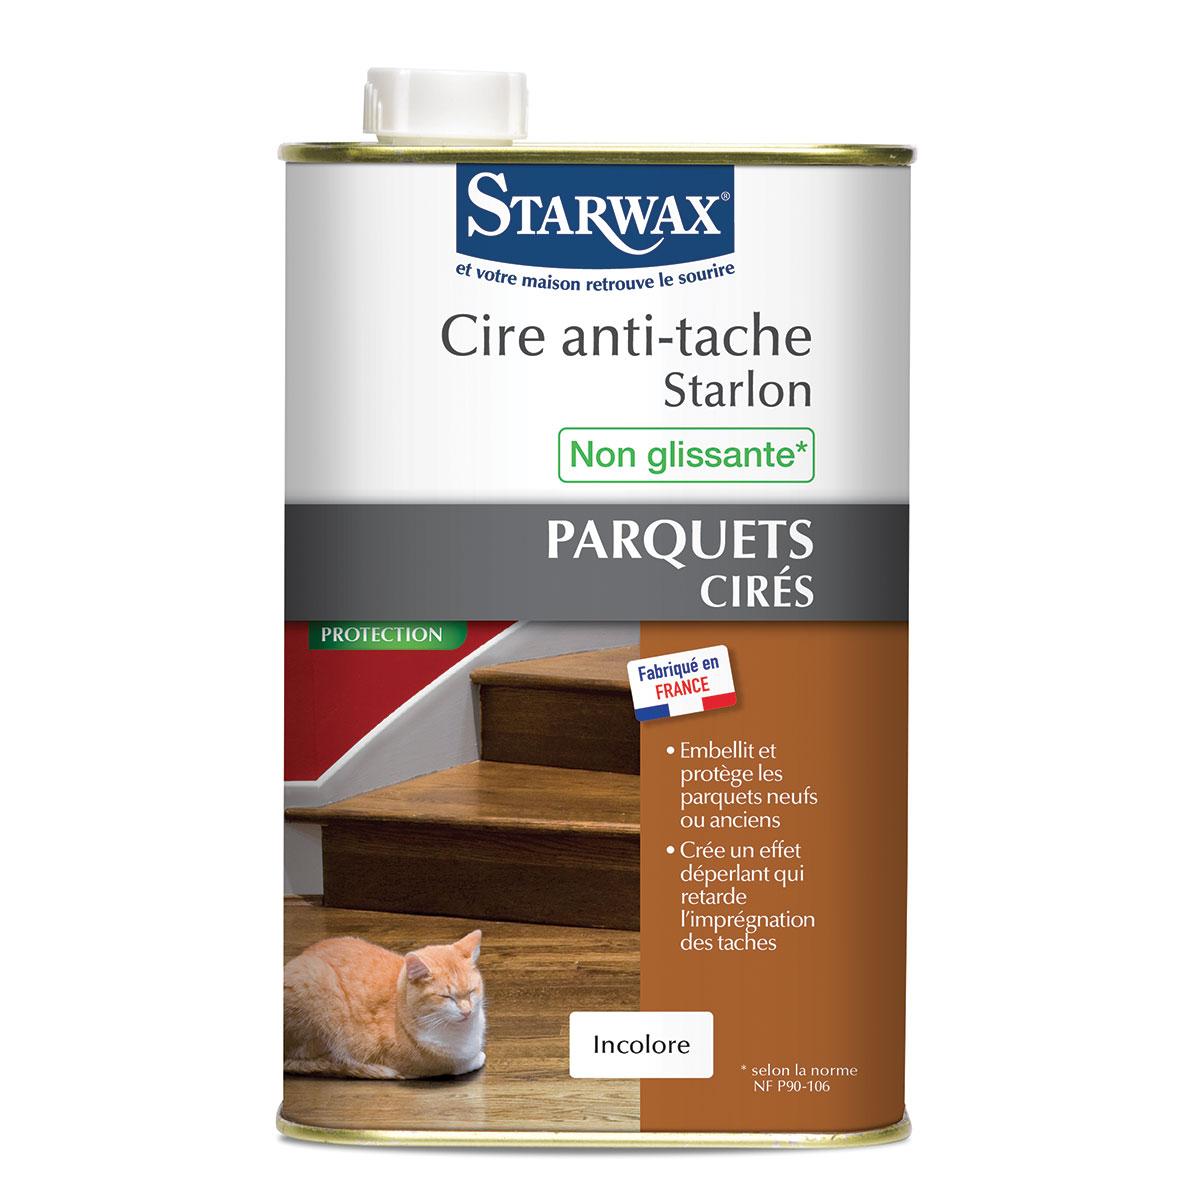 cire anti tache starlon pour parquet cir 1 litre starwax 000328 vente en ligne de produits. Black Bedroom Furniture Sets. Home Design Ideas